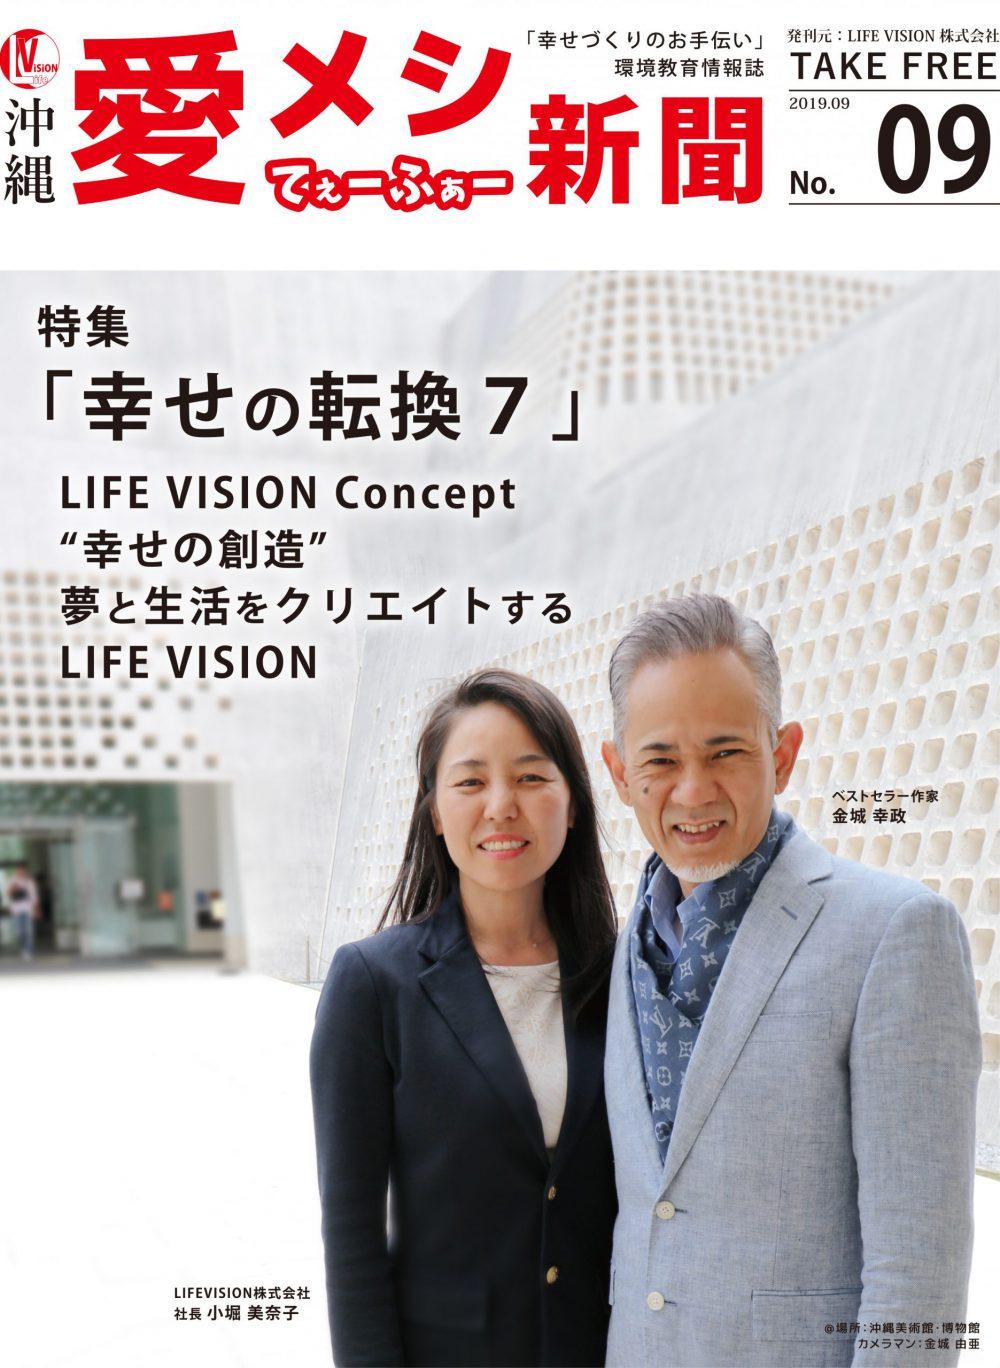 今だからこそ…09   「愛メシ楽屋トーク」より(新聞Vol.09)   社名「LIFE VISION」の意味①